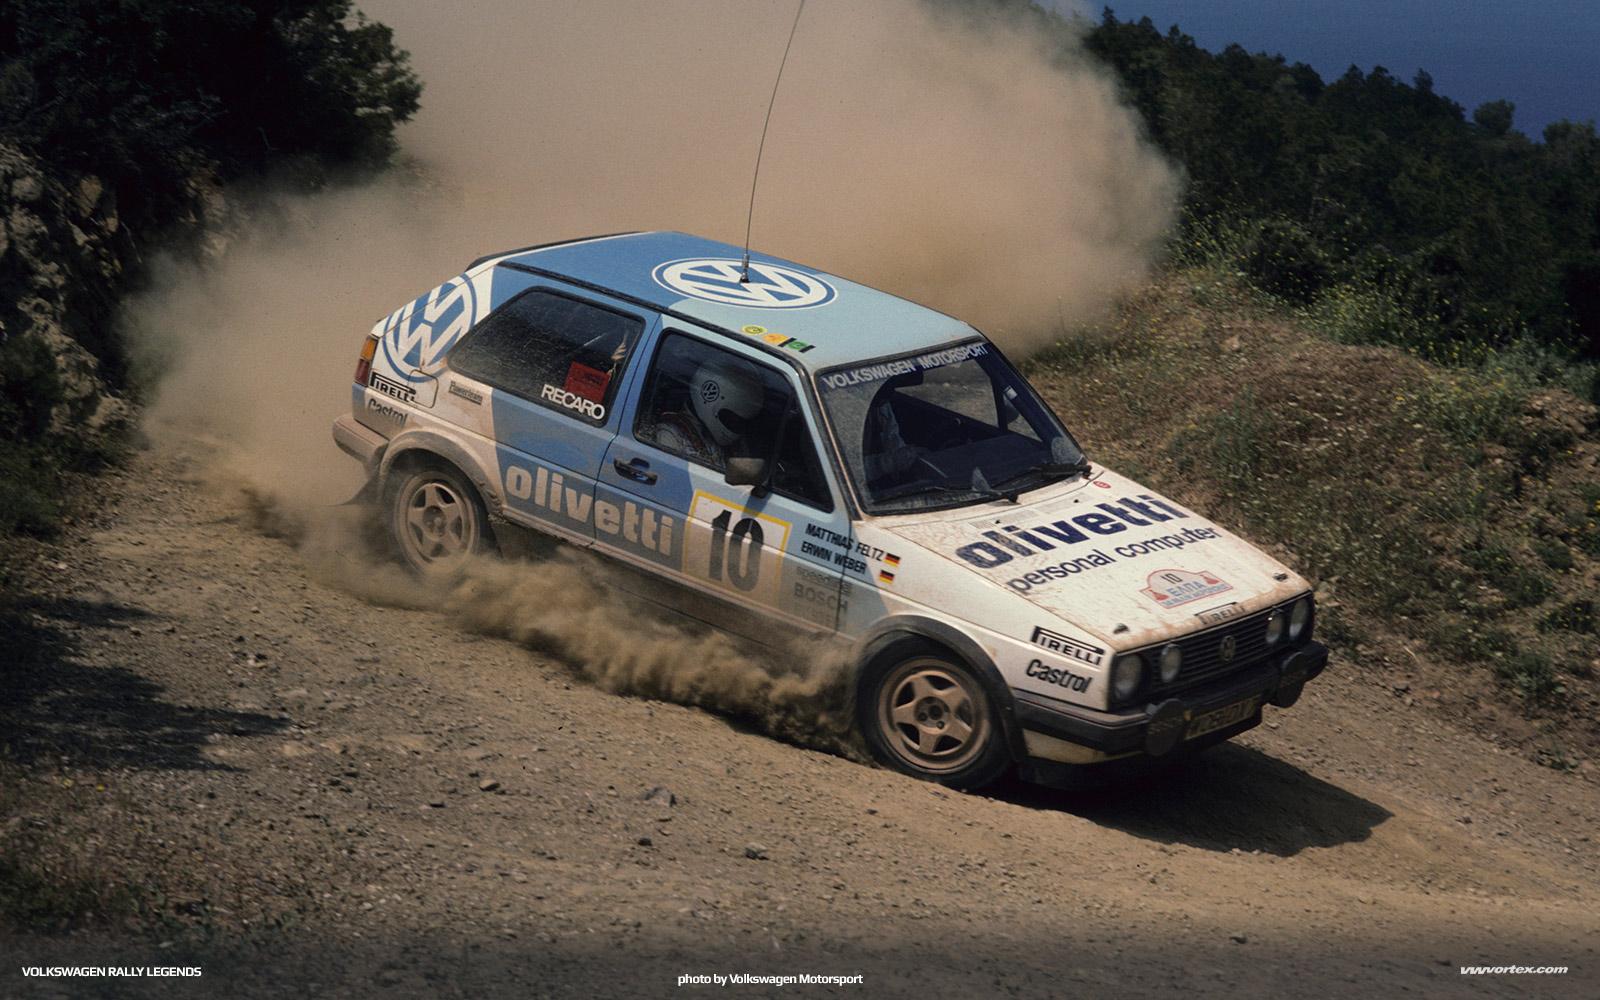 volkswagen-rally-legends-382